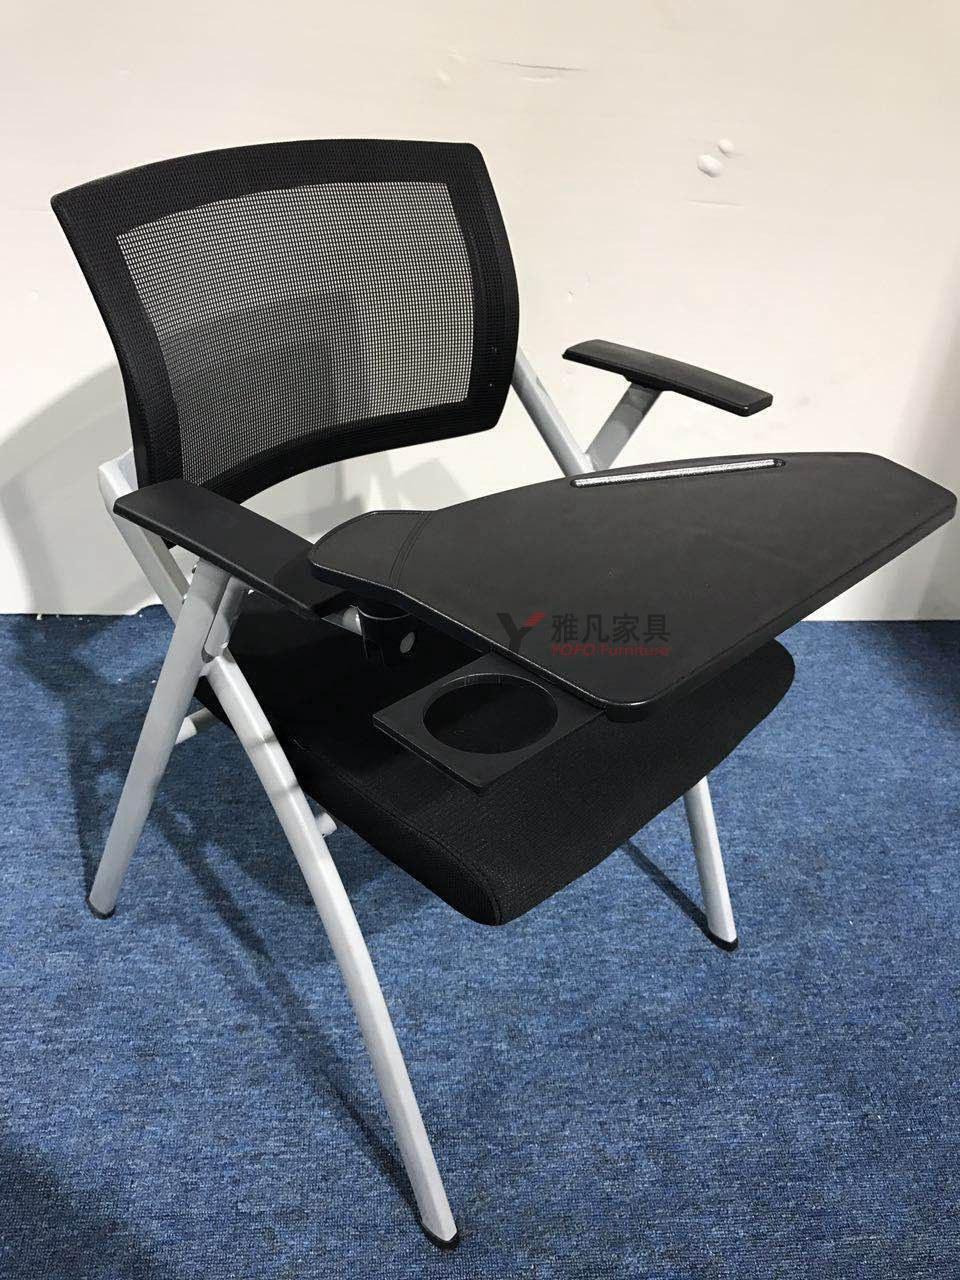 折叠椅-培训椅-会议椅-写字板椅-多功能亚博app苹果下载地址会议座椅厂家直销